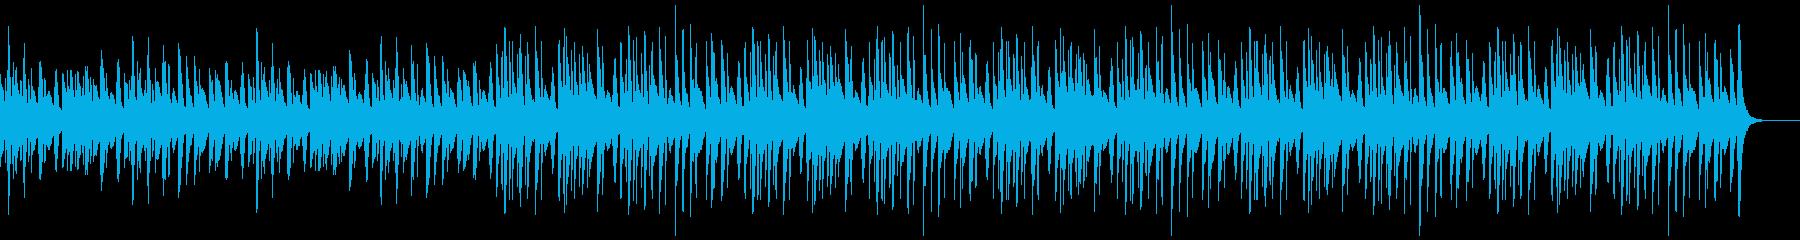 可愛くほのぼのとした曲の再生済みの波形